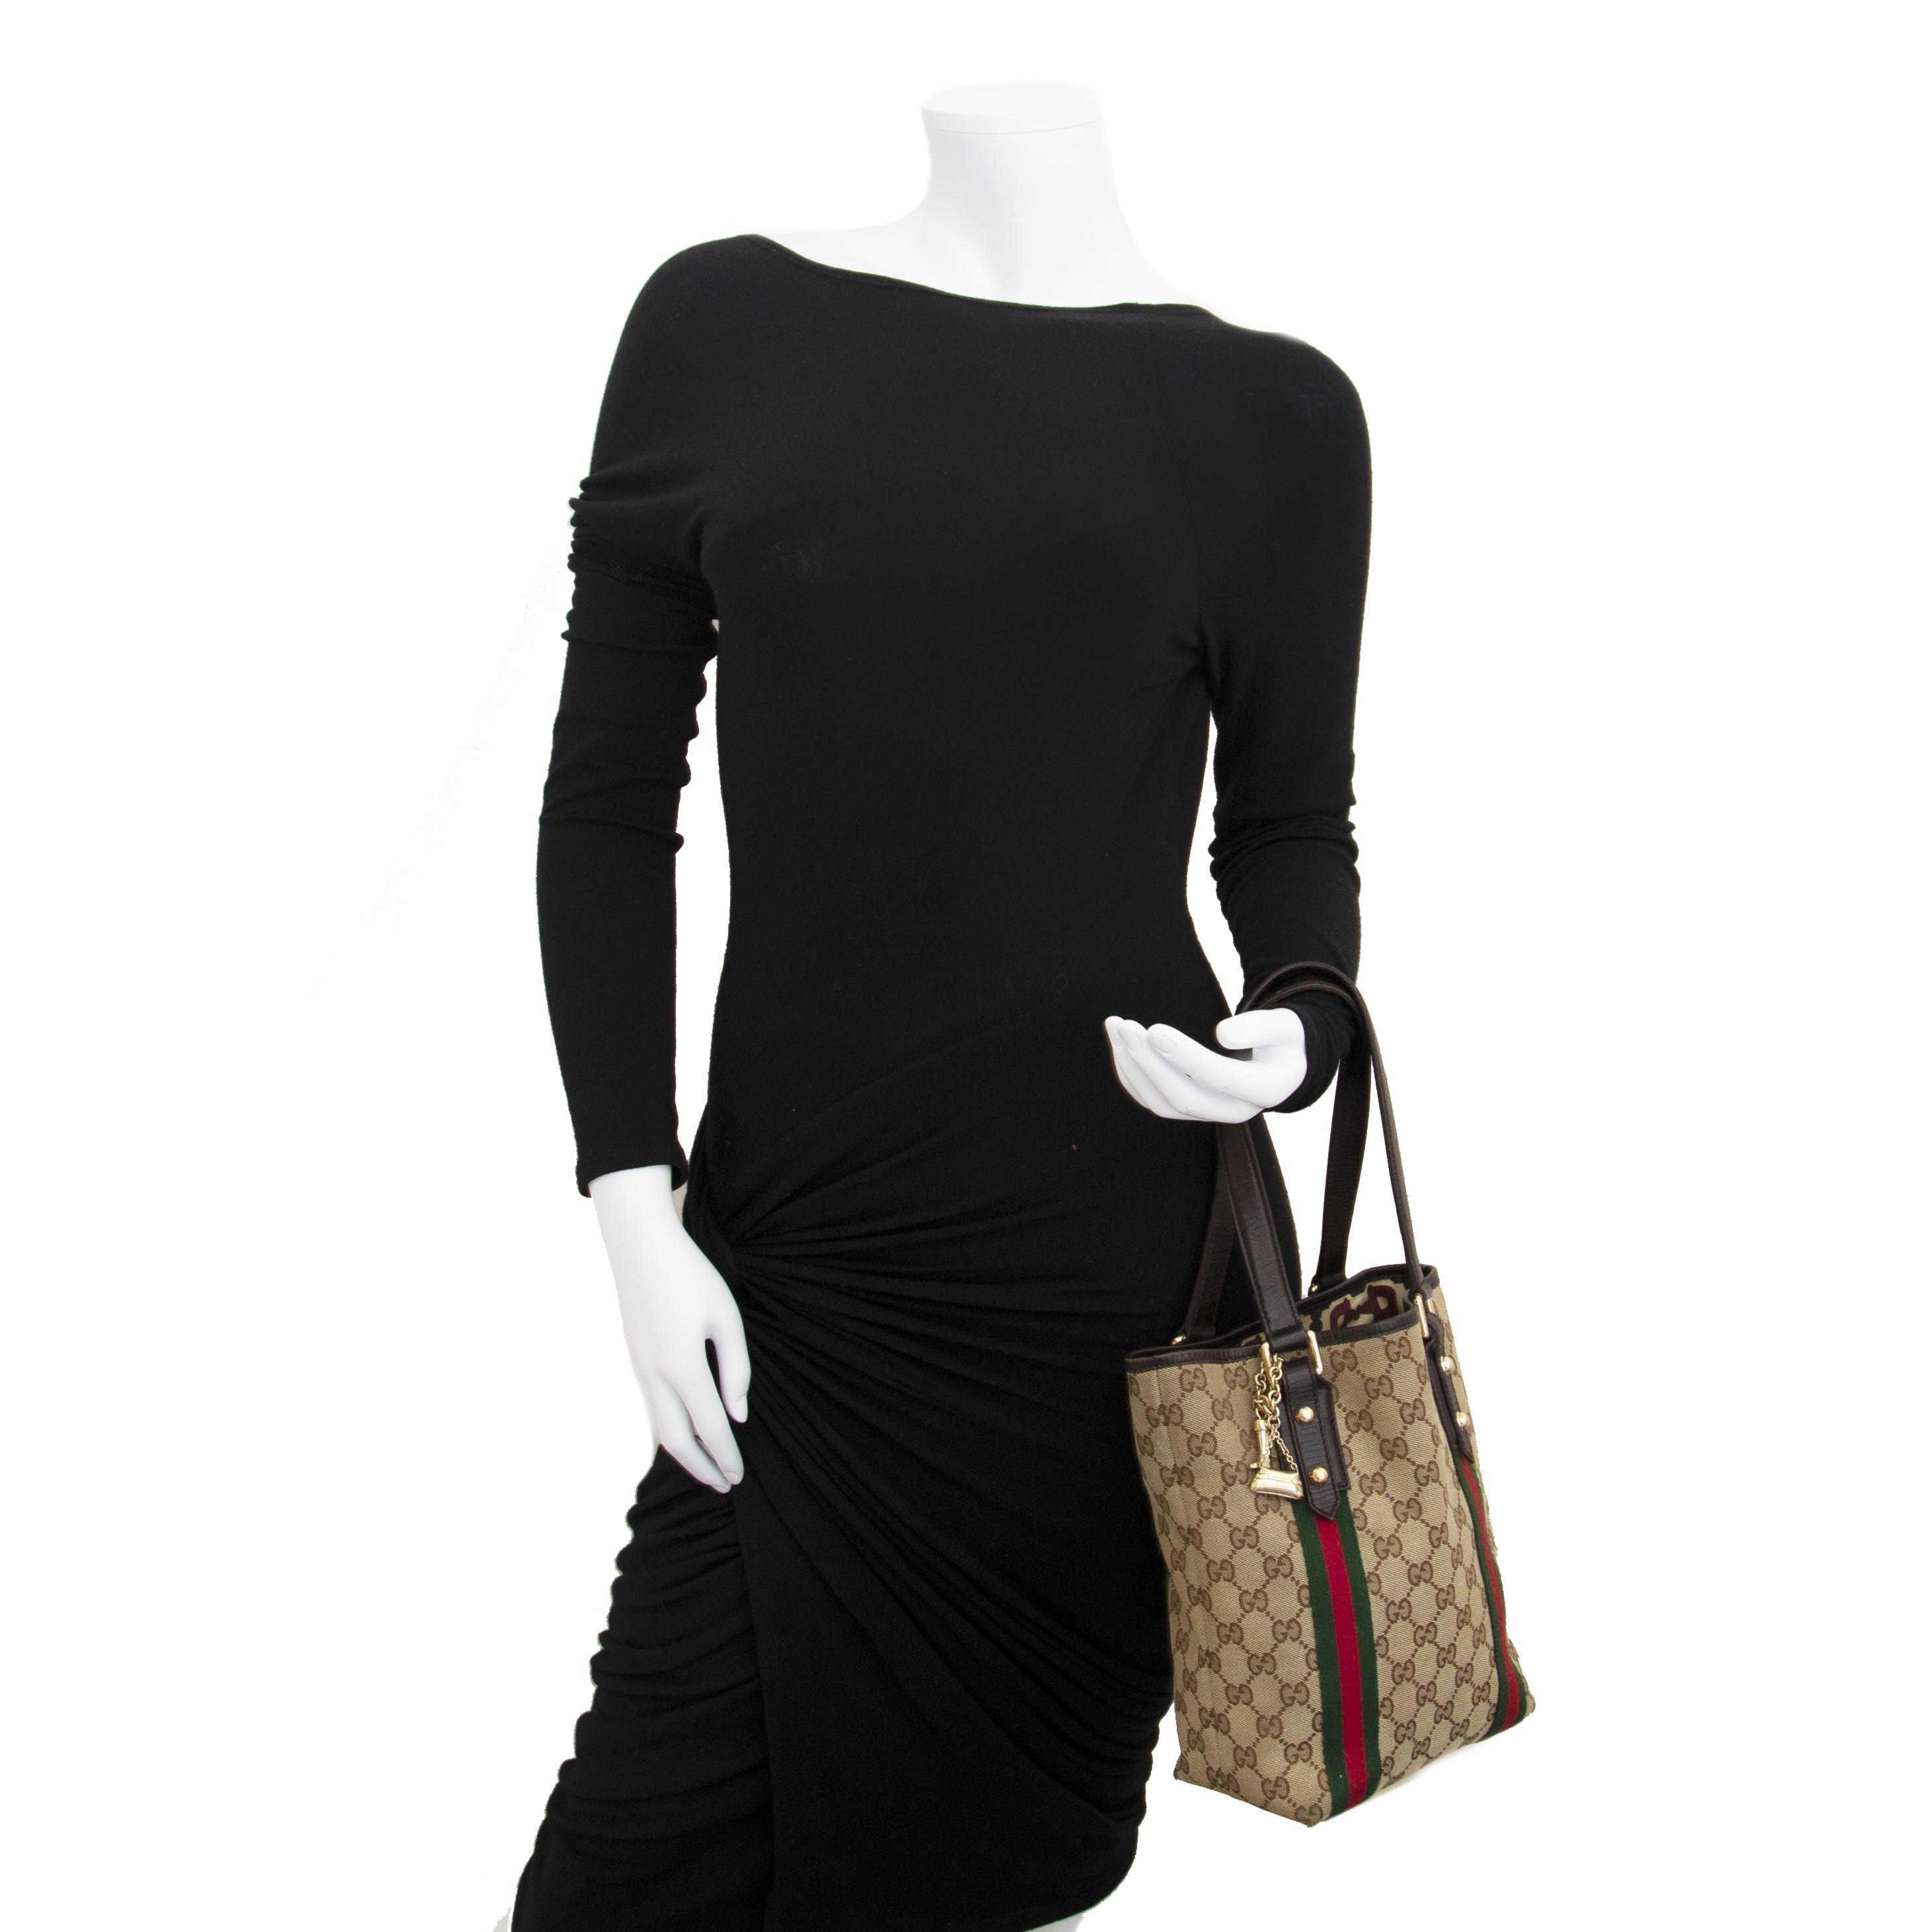 16b24087c62e Labellov Buy online  100% guaranteed authentic vintage Gucci ...